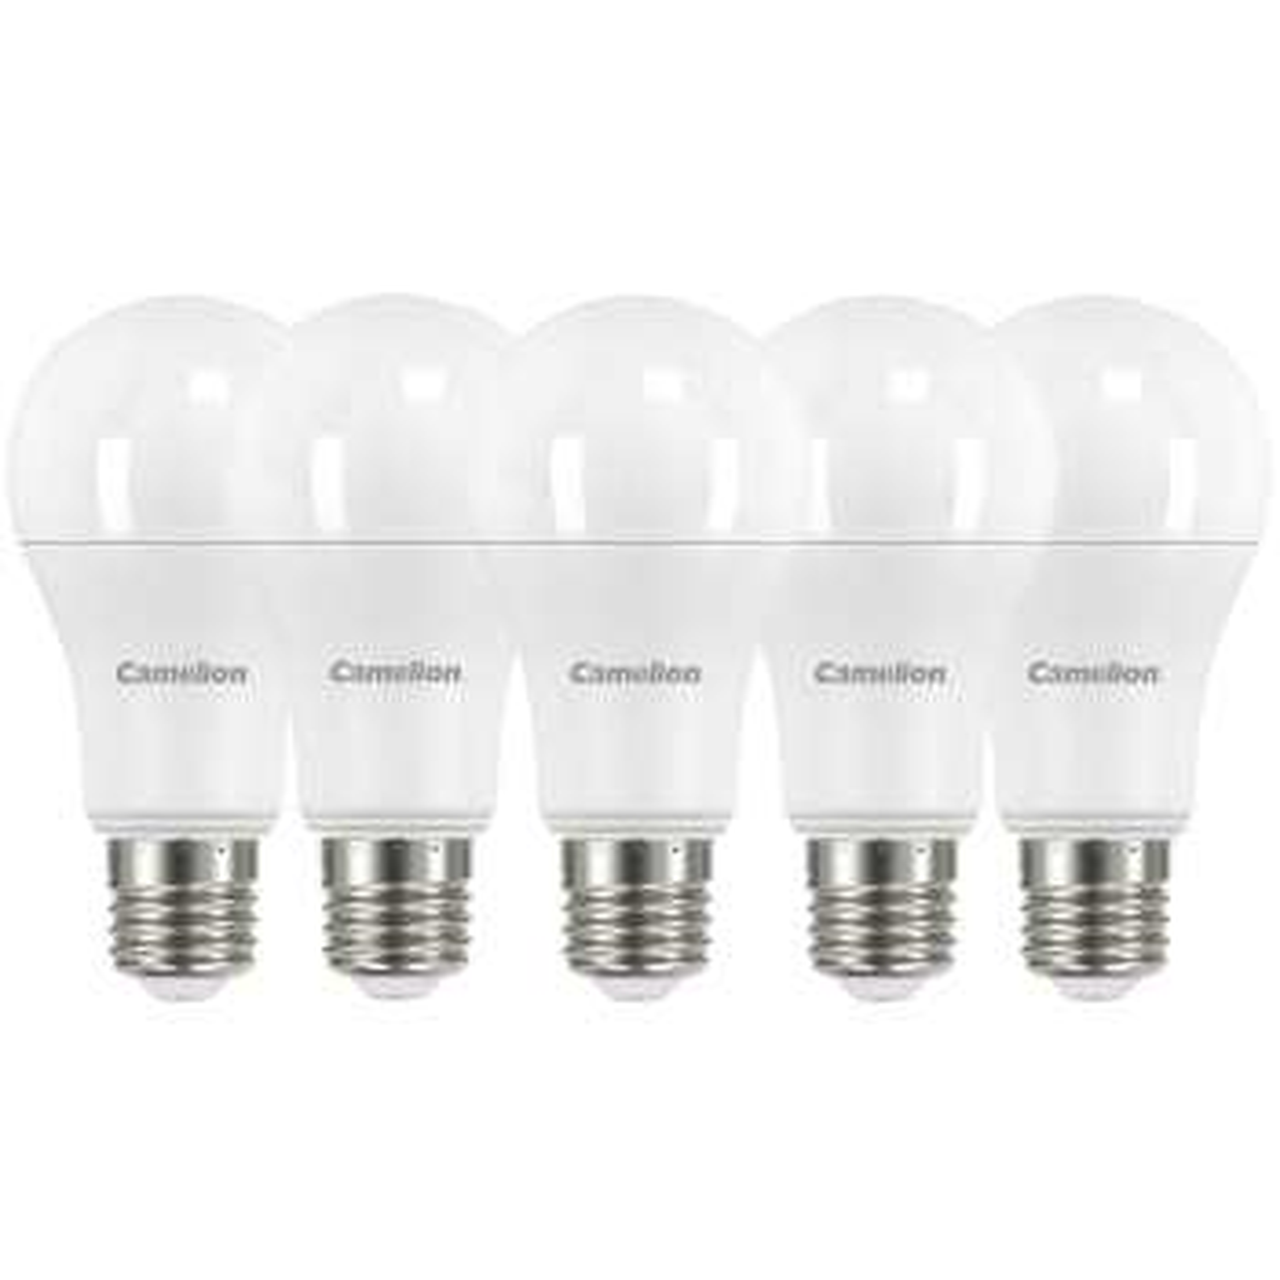 لامپ ال ای دی 15 وات کملیون مدل STQ1 پایه E27 بسته 5 عددی